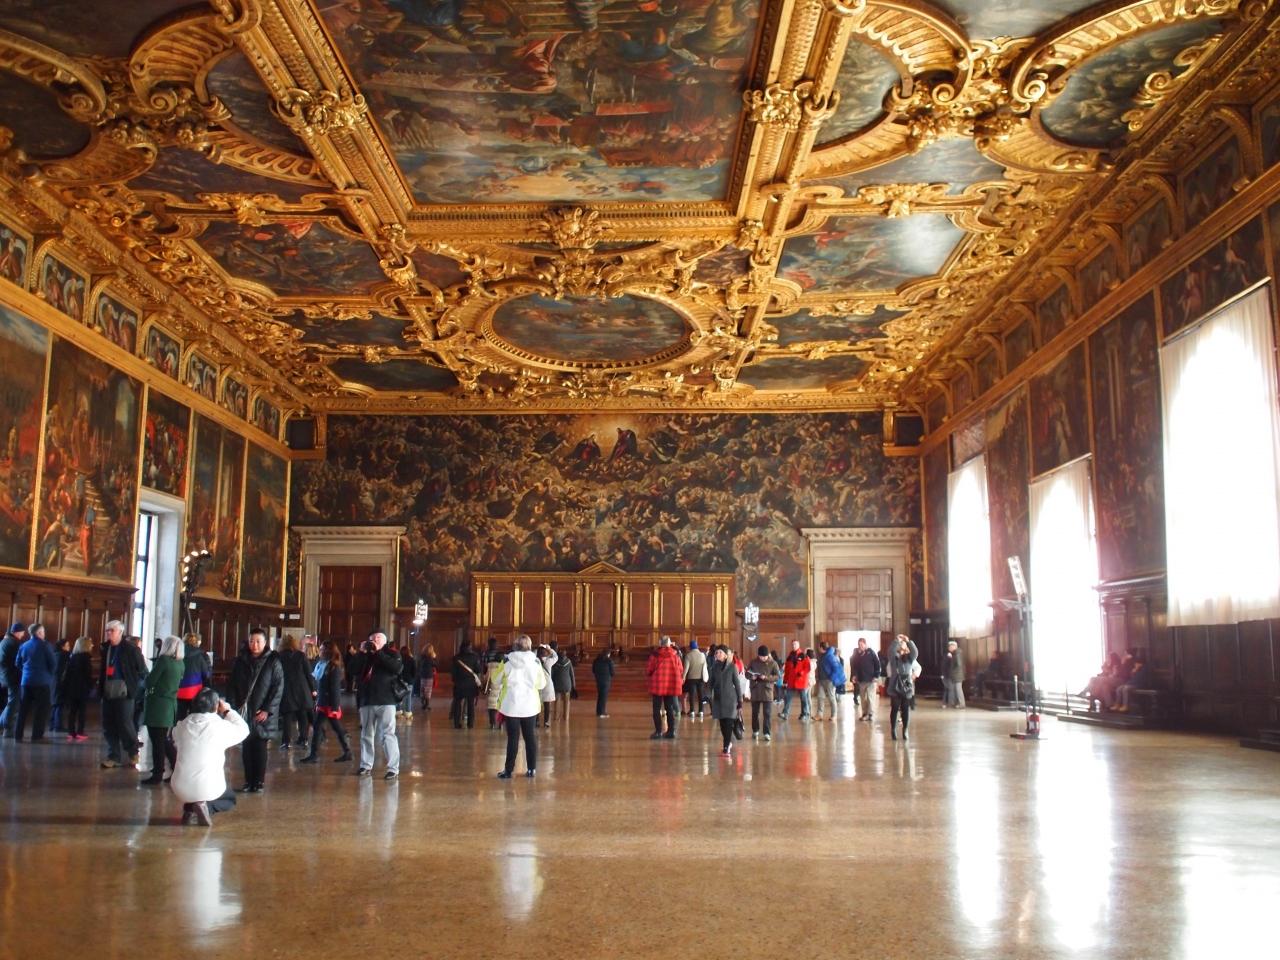 ドゥカーレ宮殿の画像 p1_33